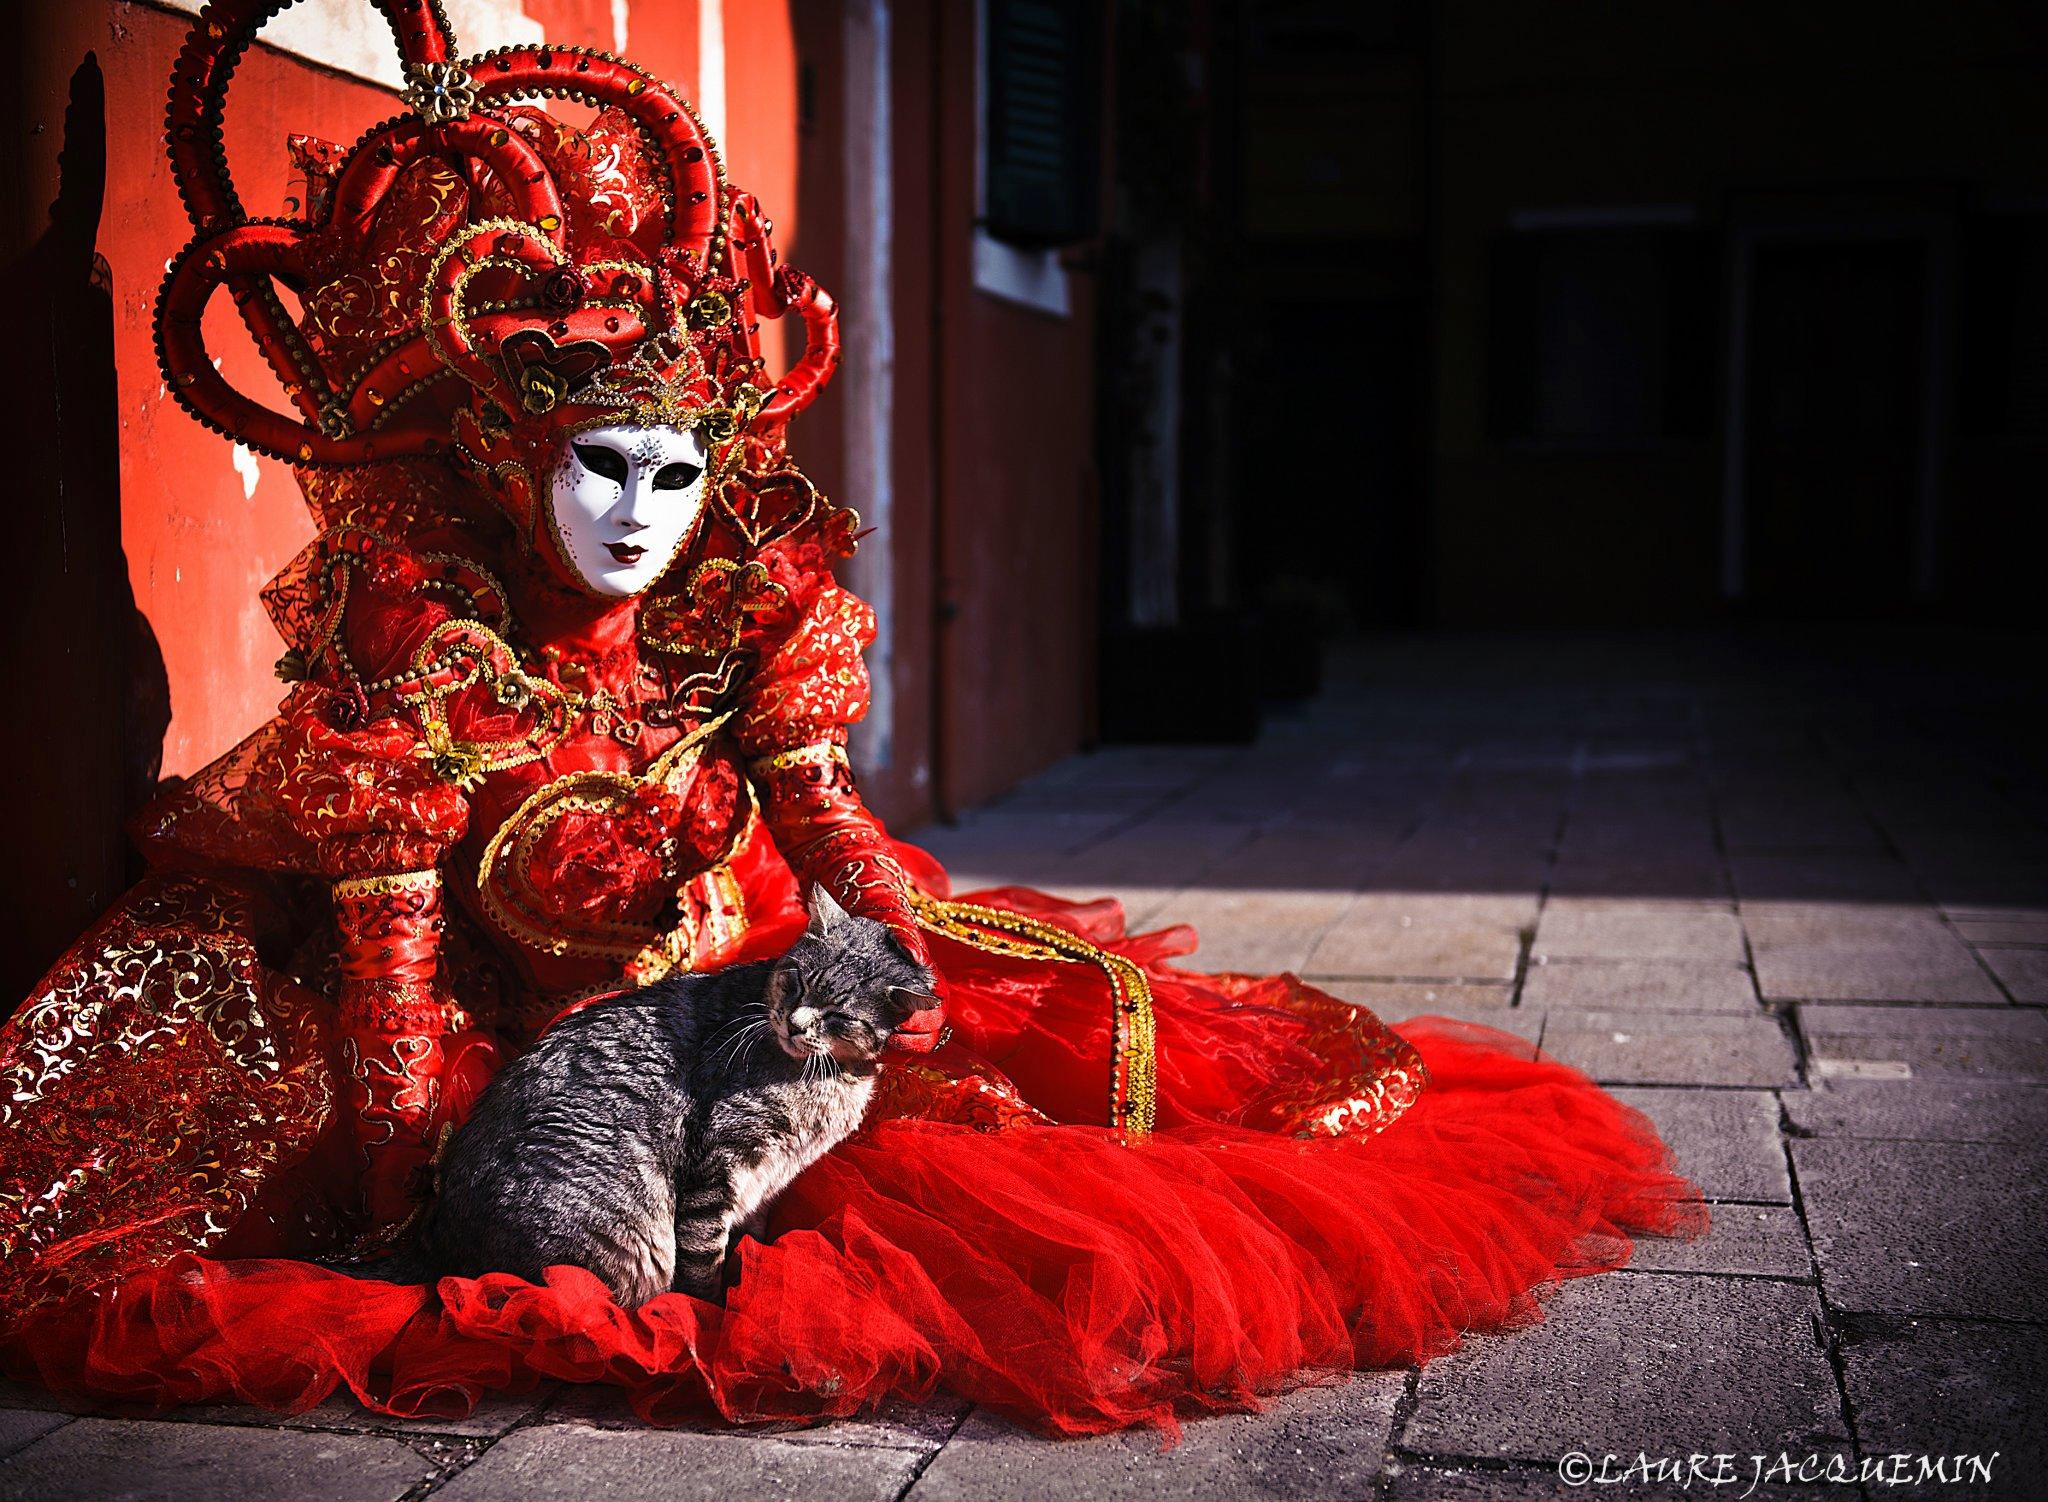 carnaval+de+venise+2013+2012+laure+jacquemin+plus+belles+photos+(29).jpg